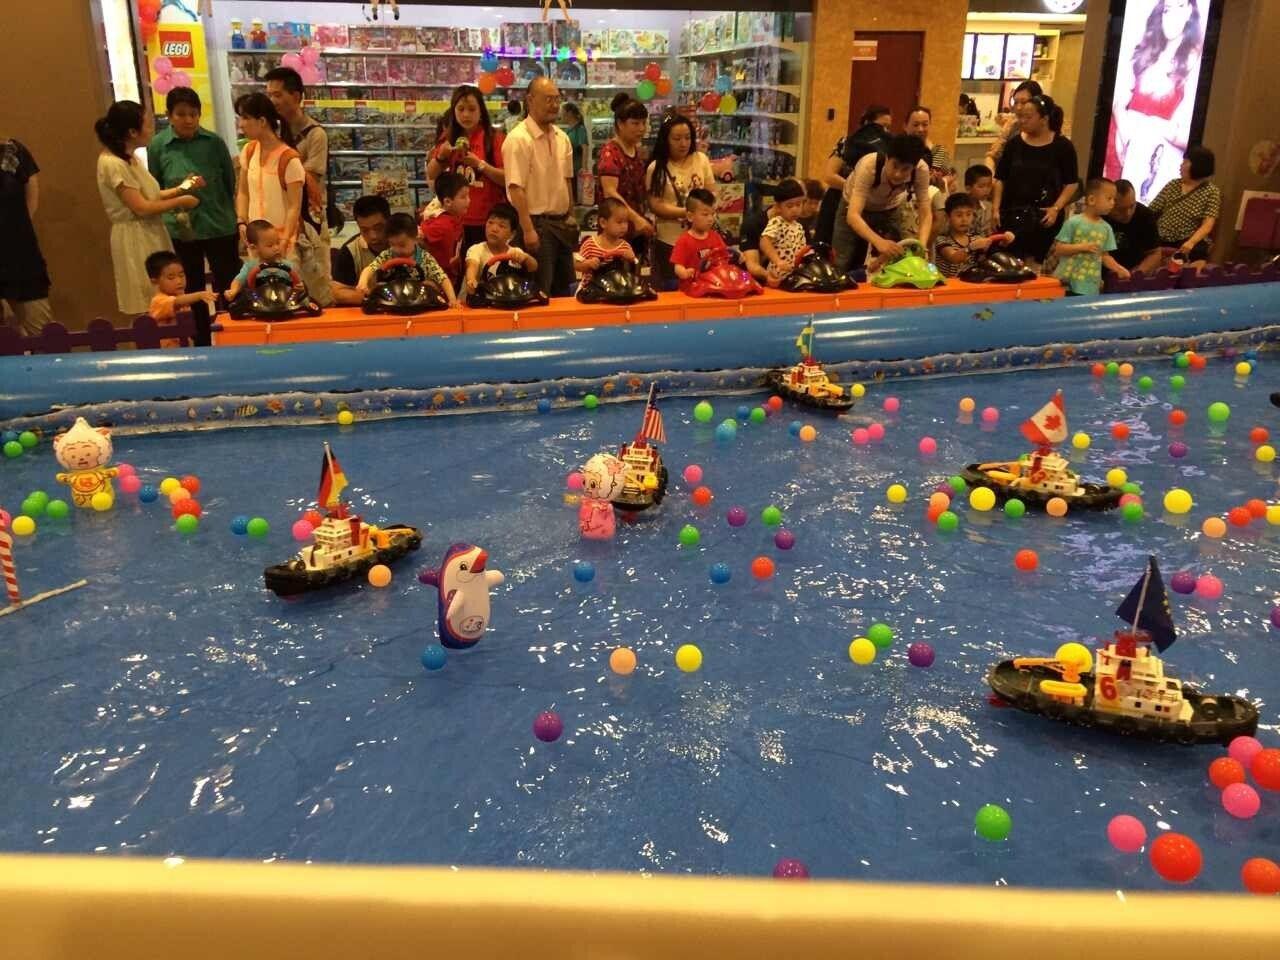 方向盘遥控船水上游乐设备,厂家直销,儿童方向盘遥控船游乐设施示例图13